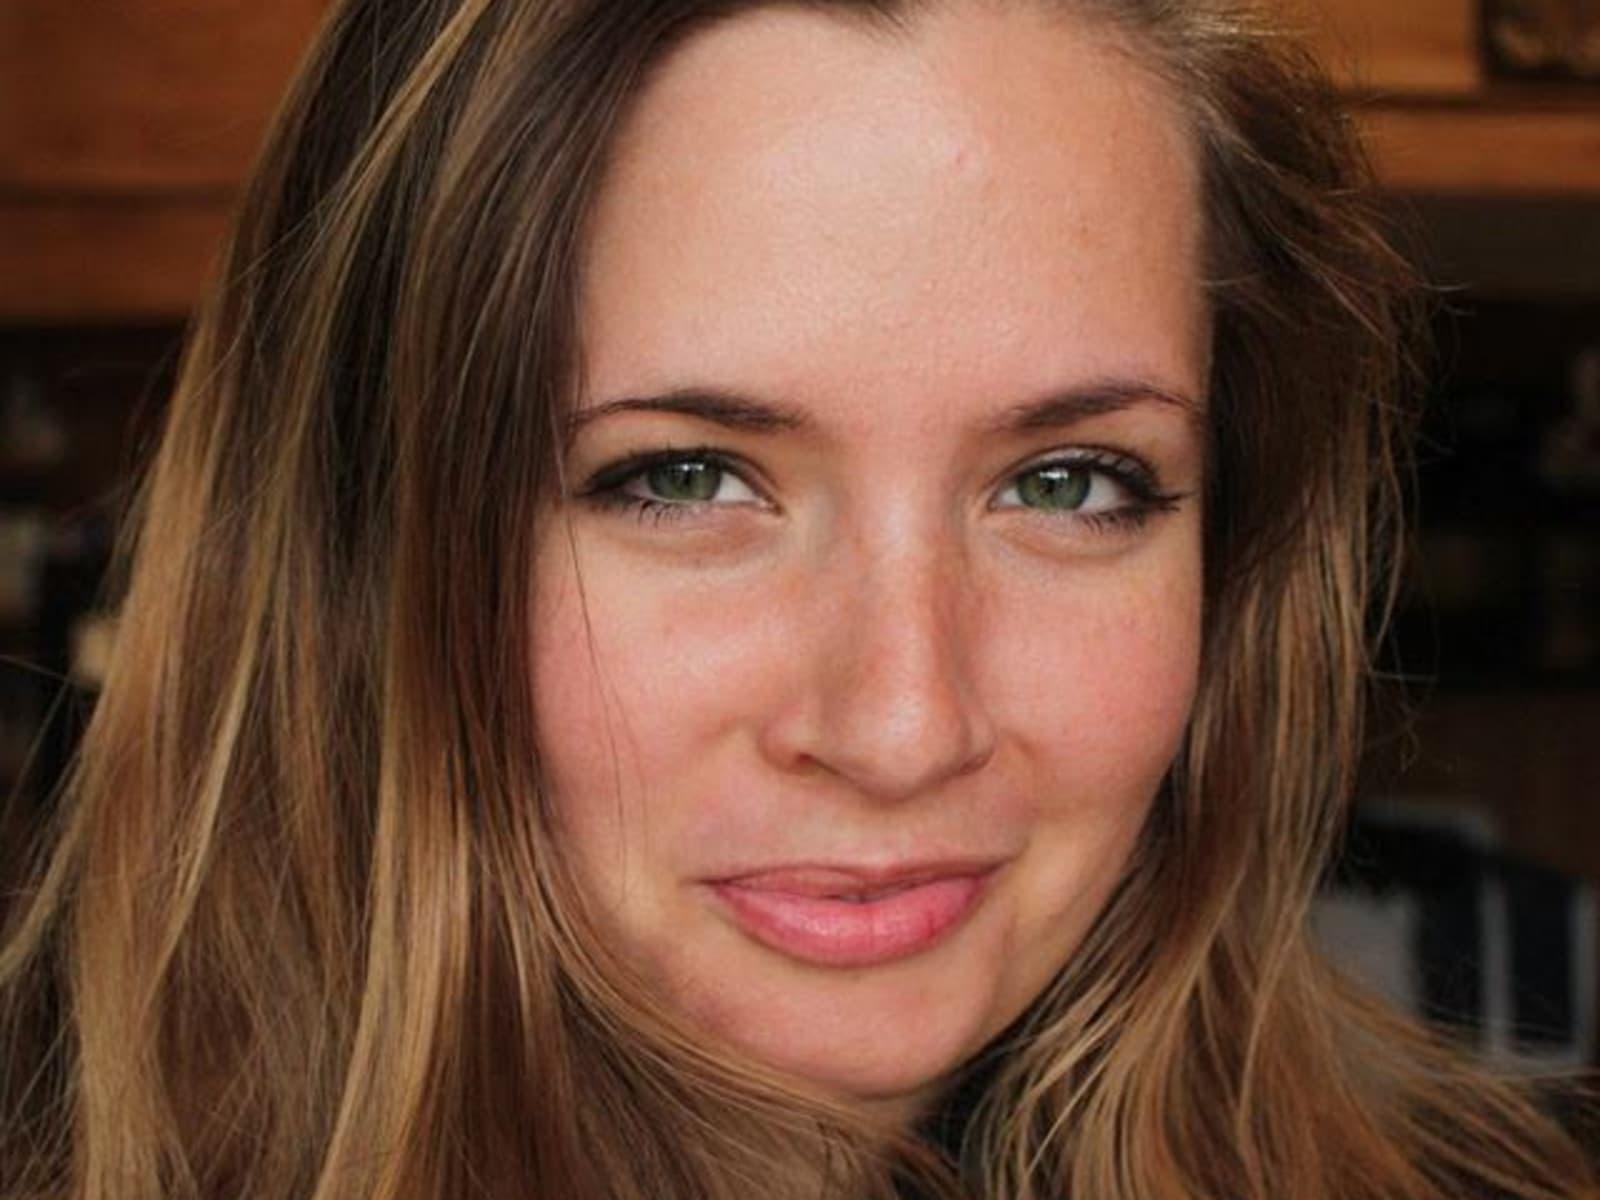 Melissa nadia from Washington, D.C., Washington, D.C., United States